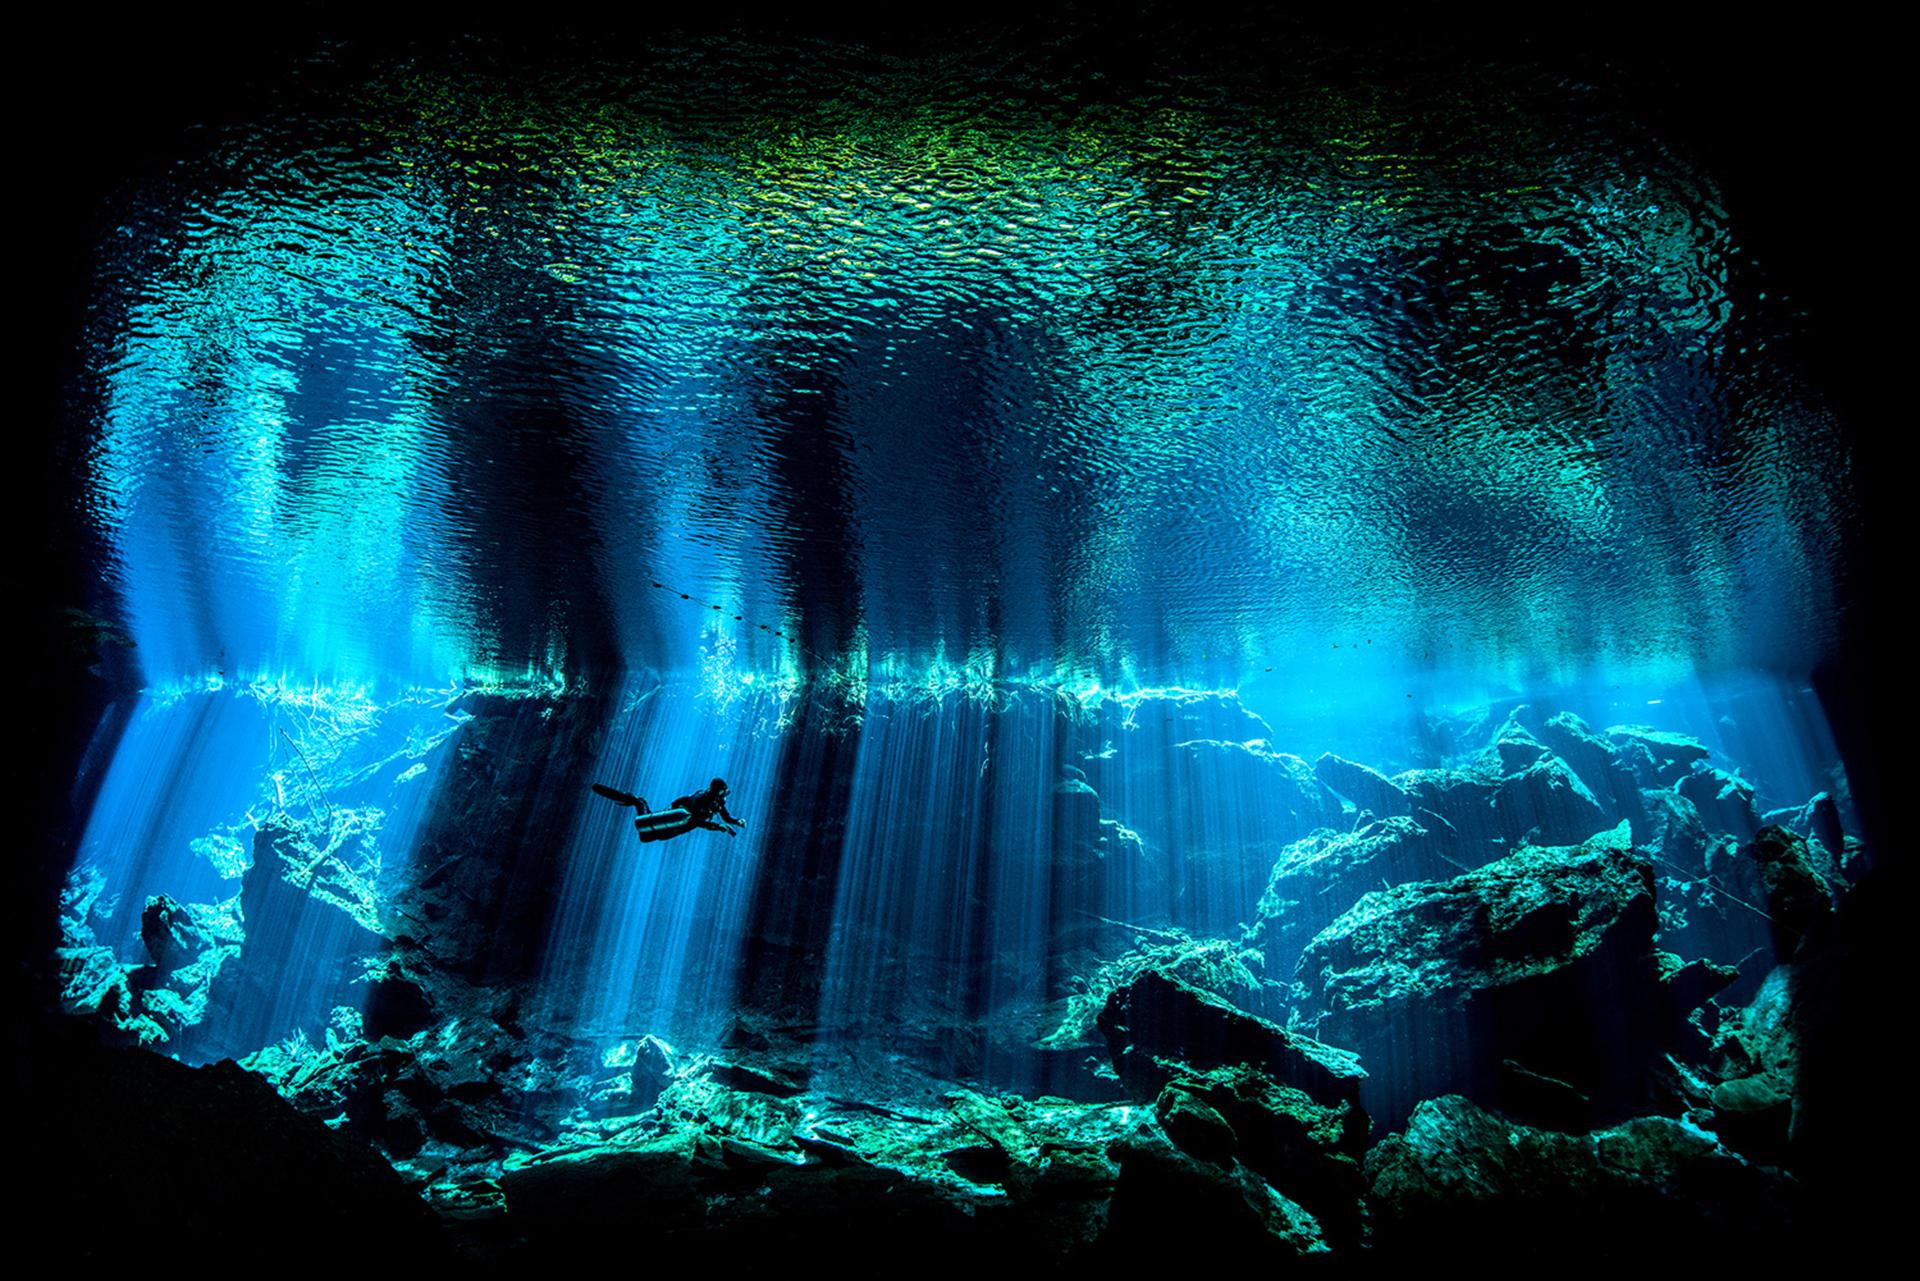 Edwar Herreño tomó esta imágen en la Península de Yucatán, México, se destaca por los espectaculares efectos de luz cuando el sol penetra en la oscuridad